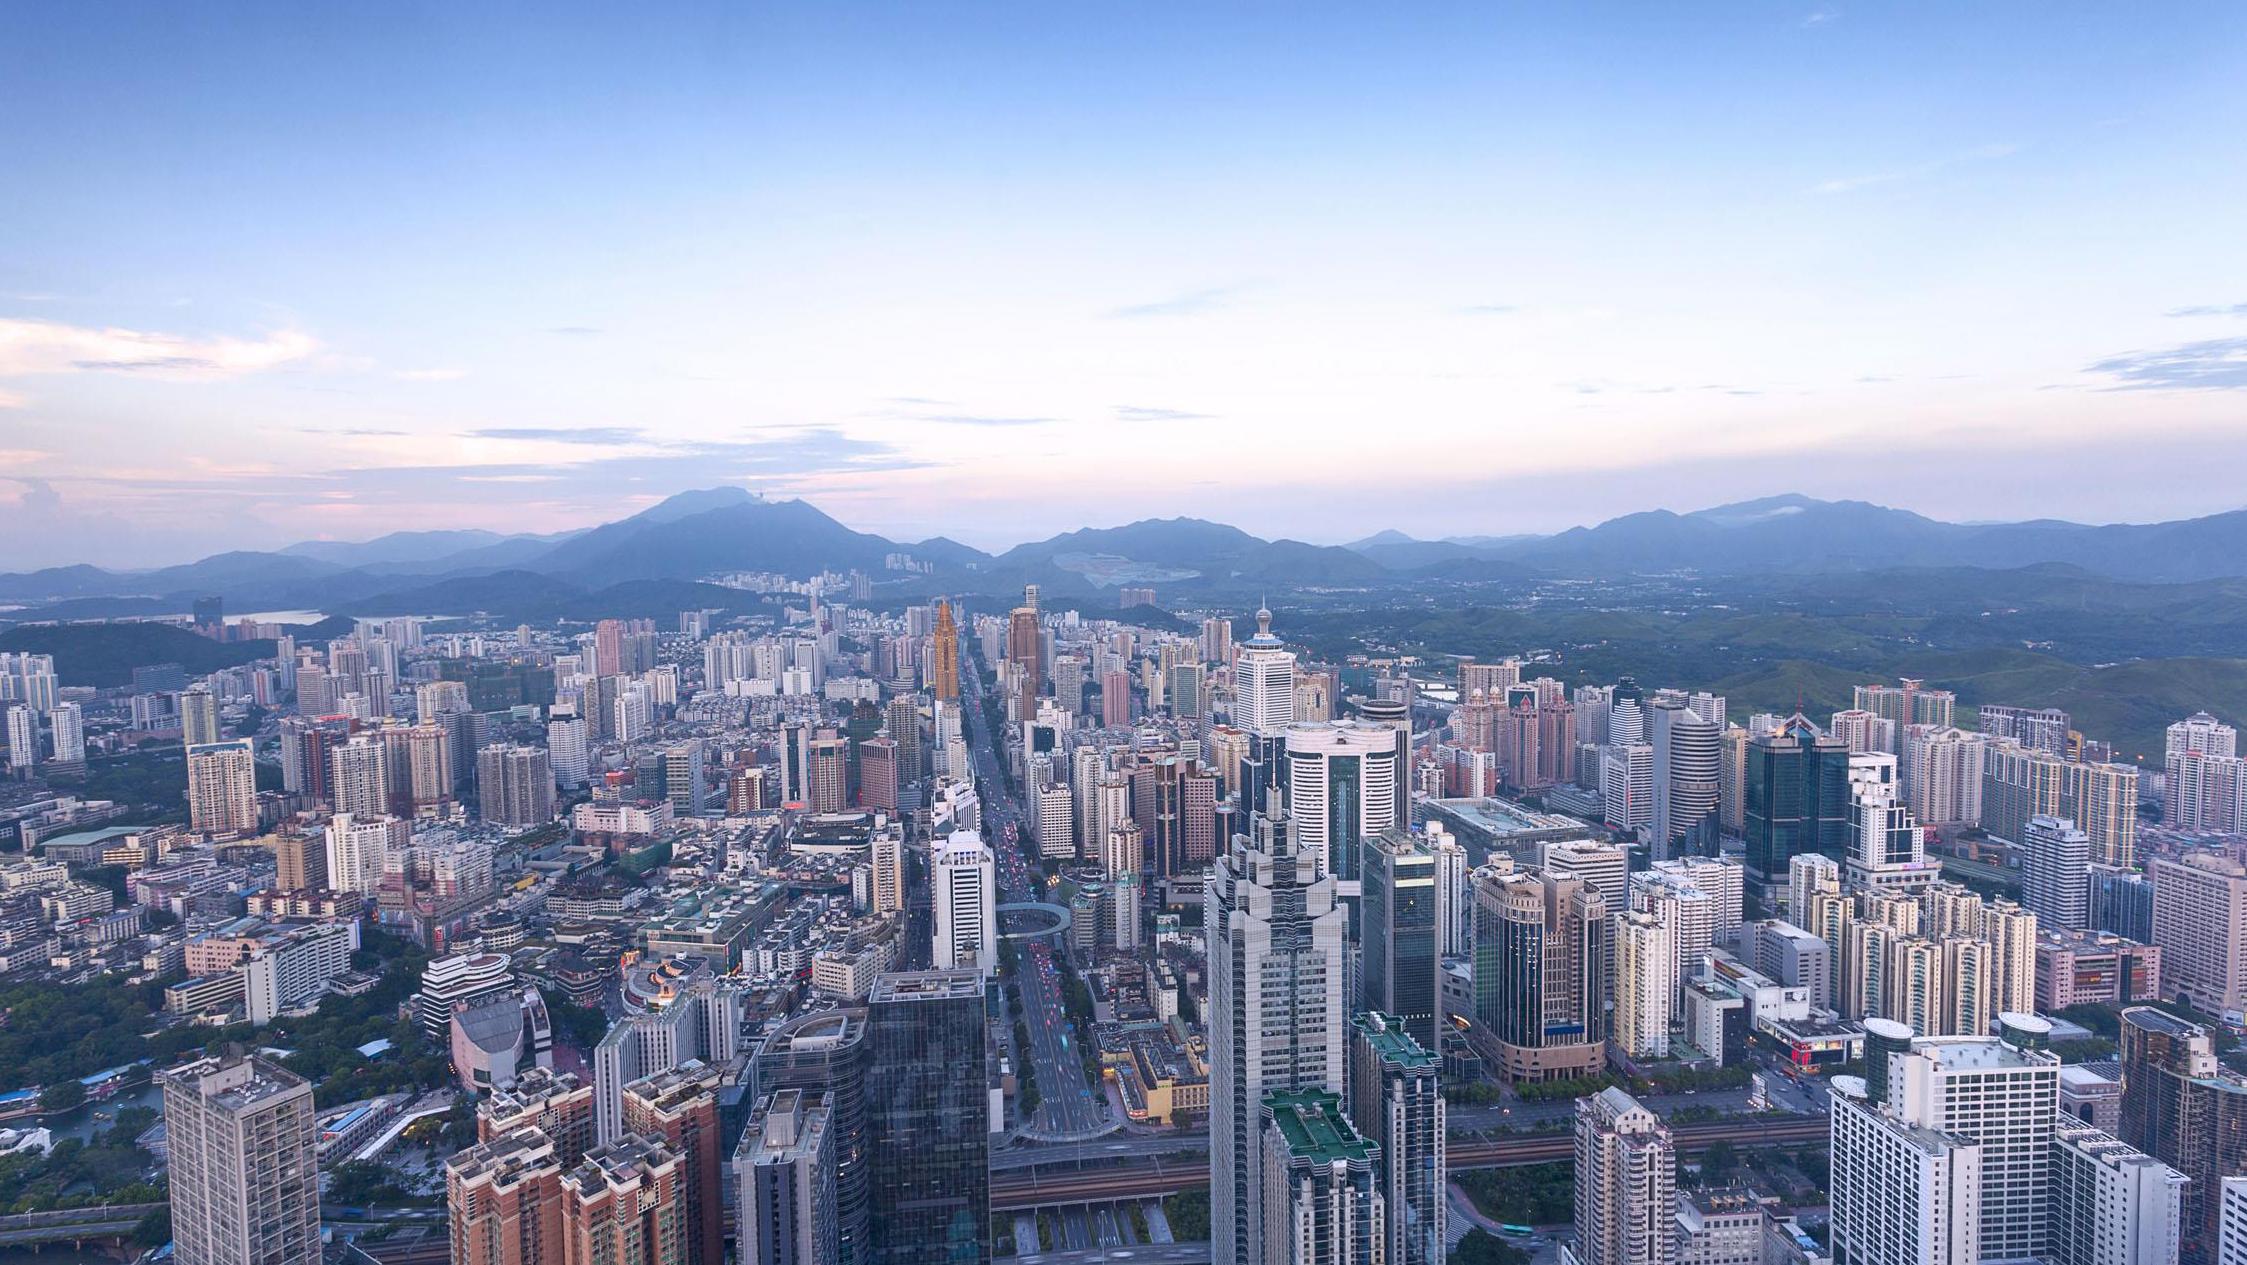 深圳:坚决把疫情防控工作作为重中之重抓紧抓实抓到位